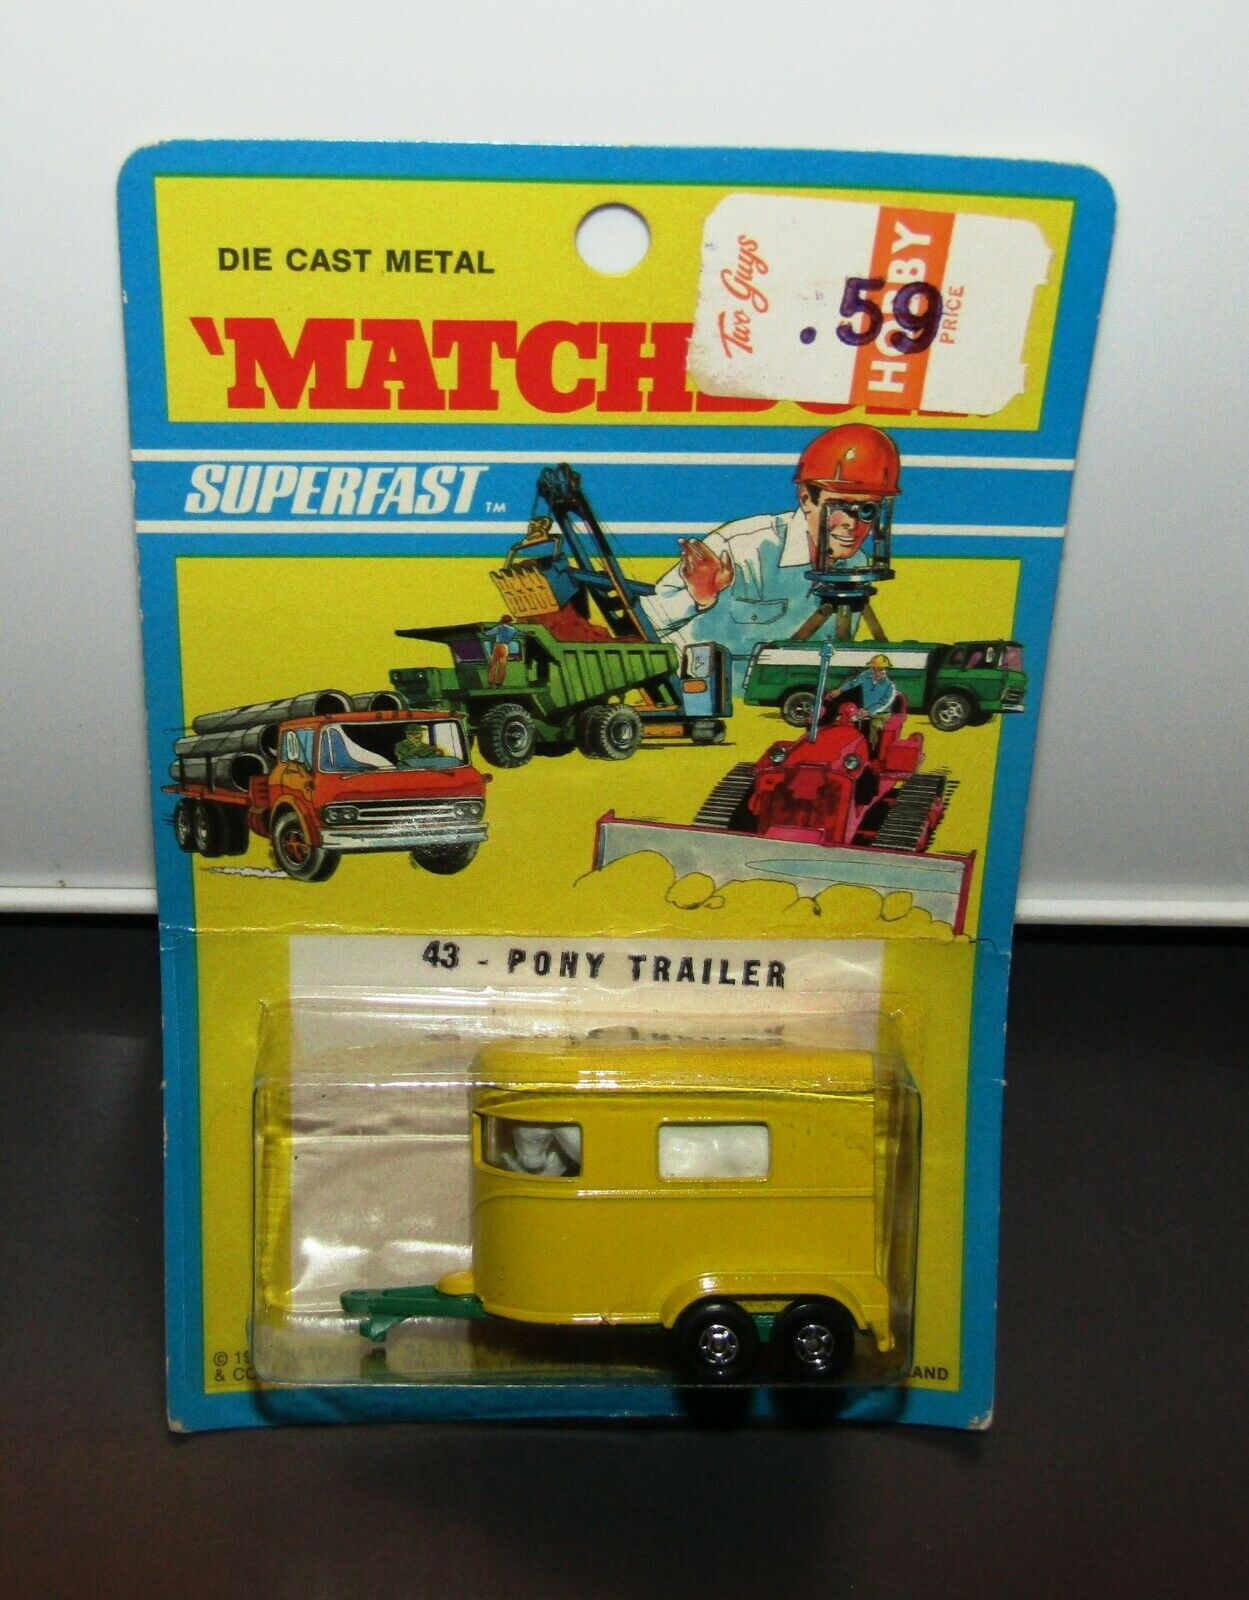 para barato Matchbox súperfast Nº 43 Pony Trailer Luz verde base base base estrecha WH 1971 Blister  precios mas bajos